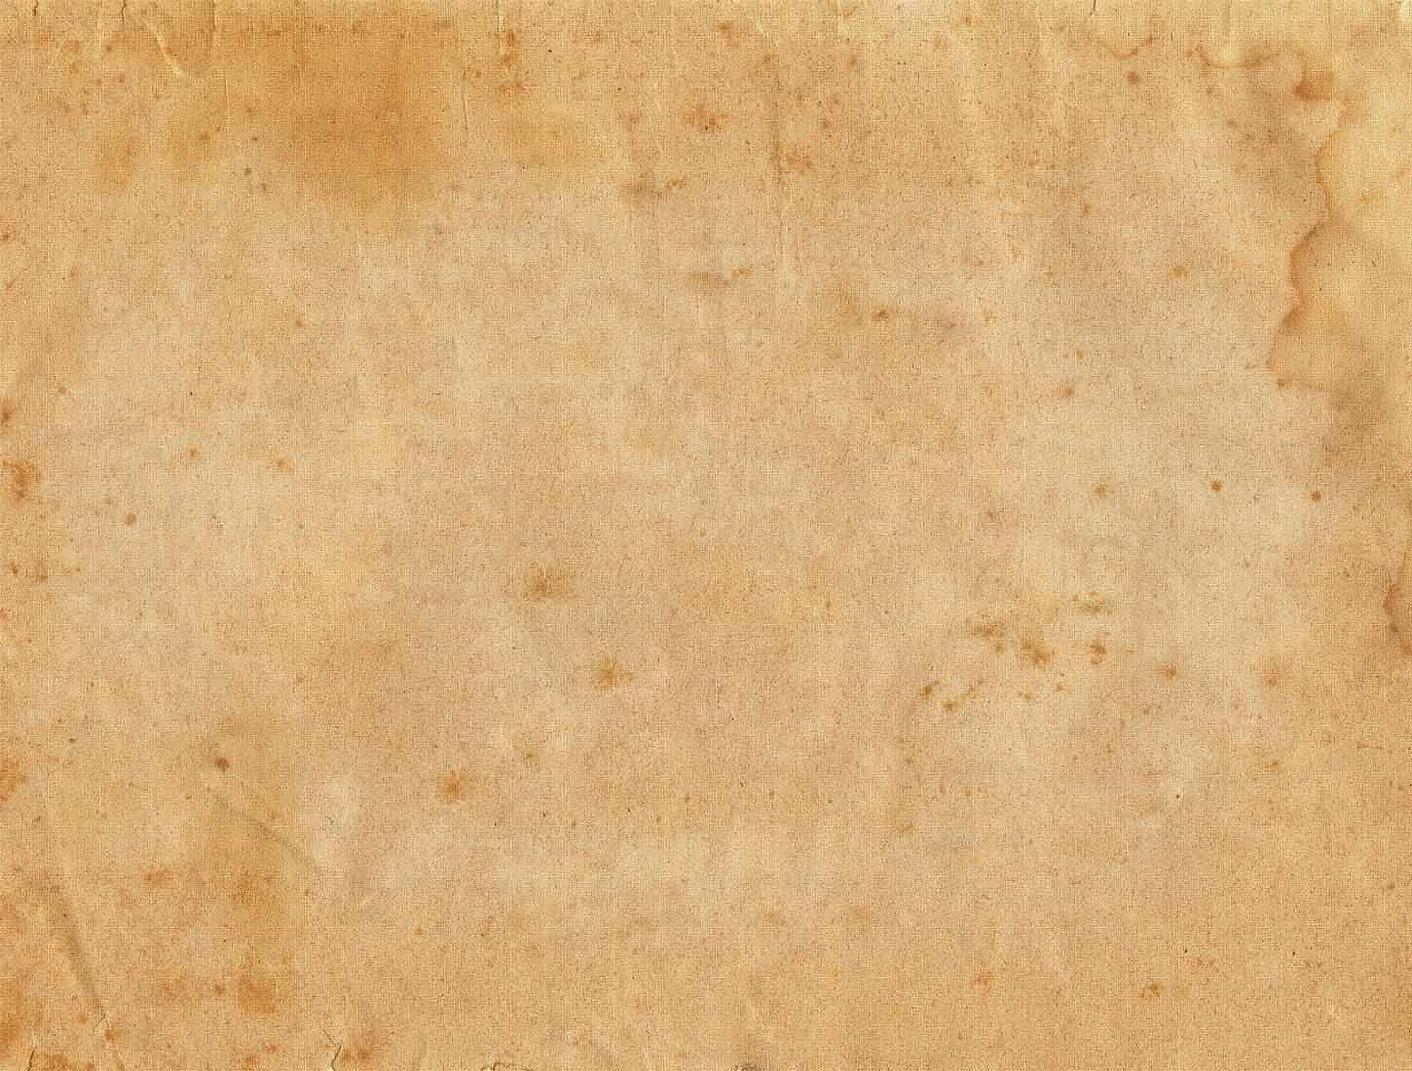 oldpaper-backgroundfairy.jpg